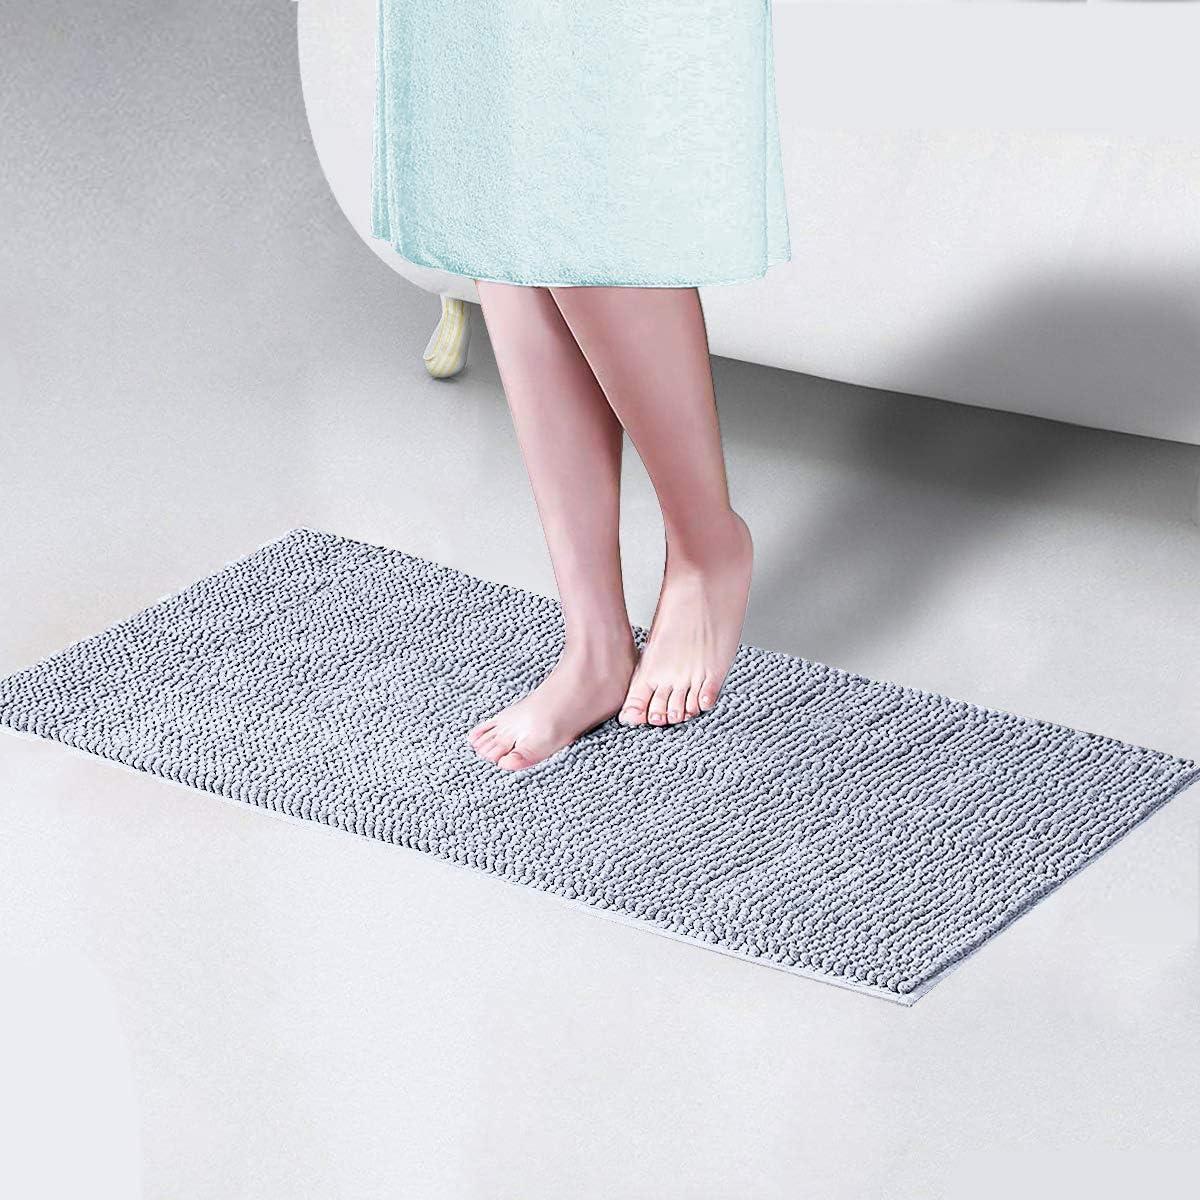 Yisily 1pc Tapis De Bain Antid/érapant Douche Baignoire Tapis Anti-Slip Mat pour Les Enfants Et Baby Shower